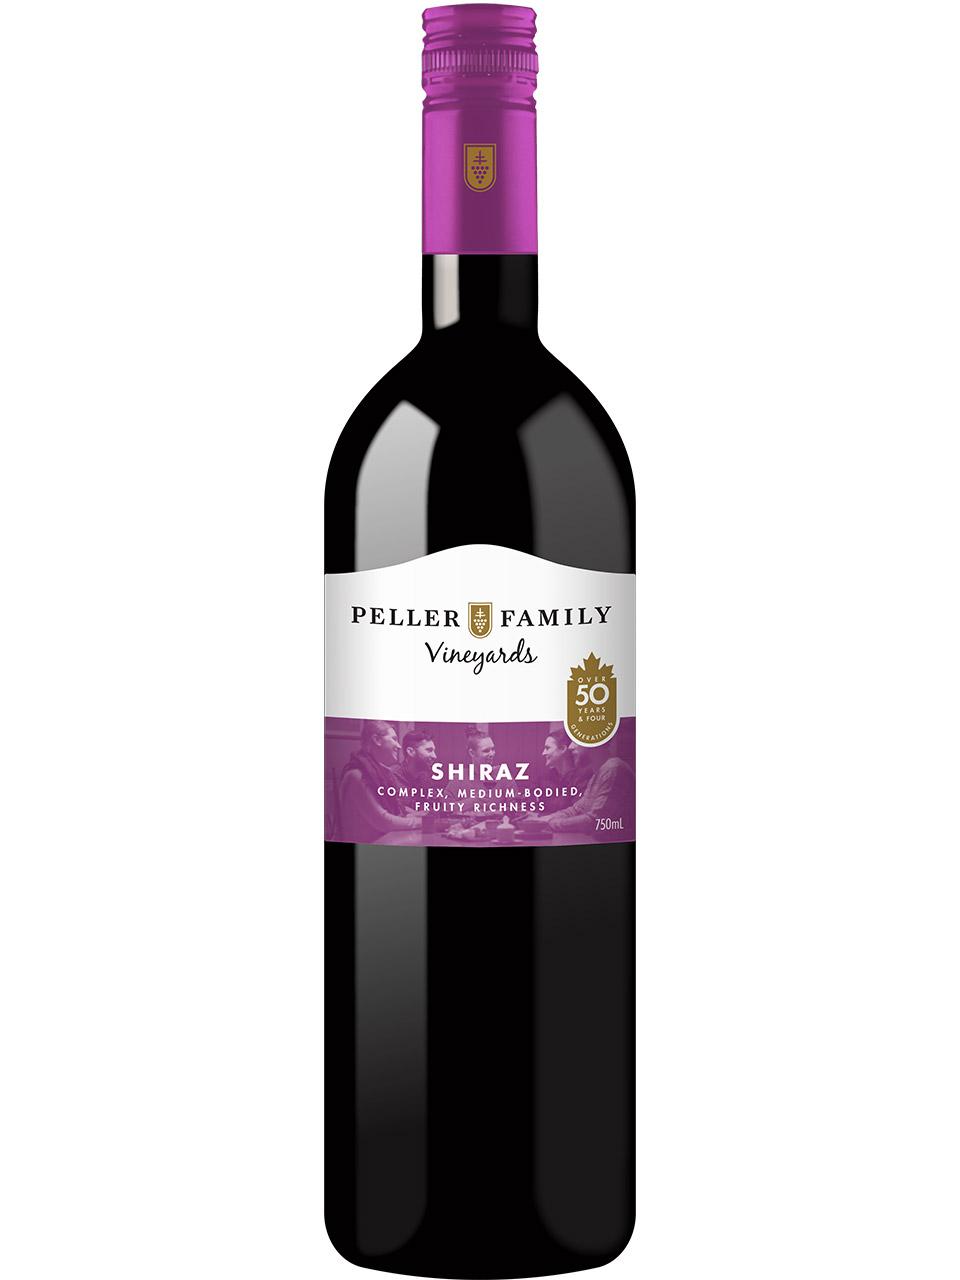 Peller Family Vineyards Shiraz